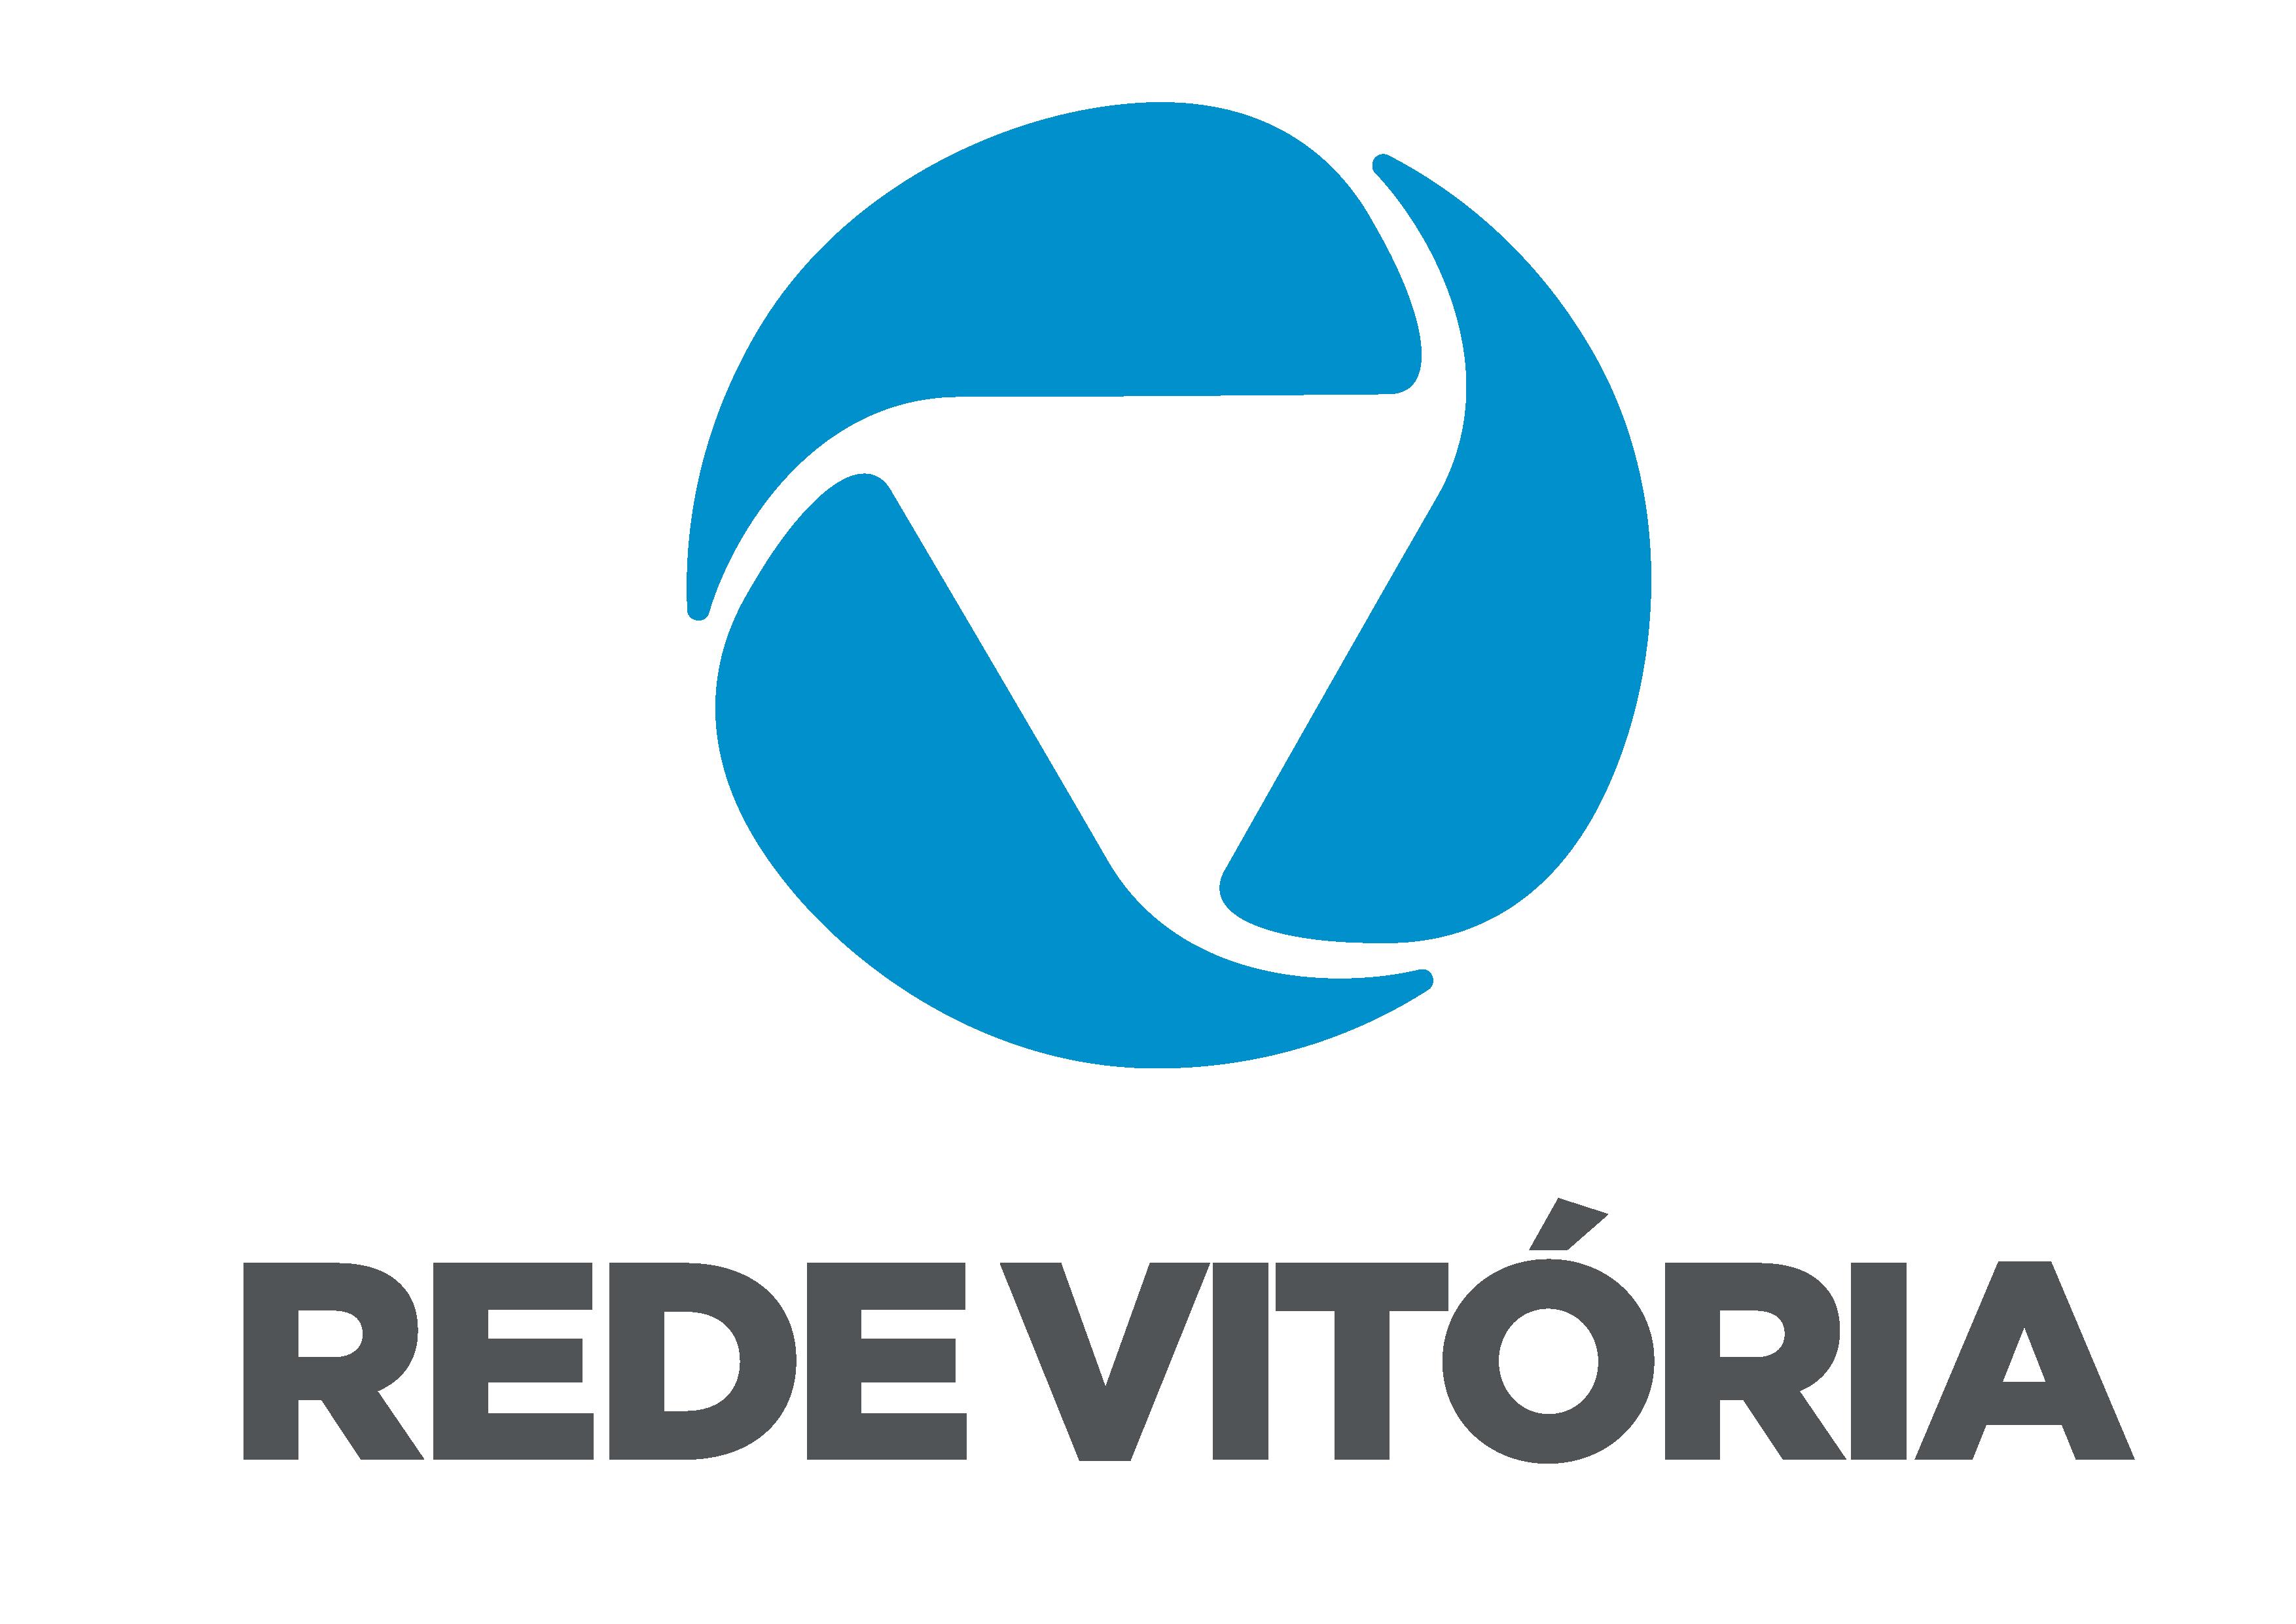 RedeVitoria